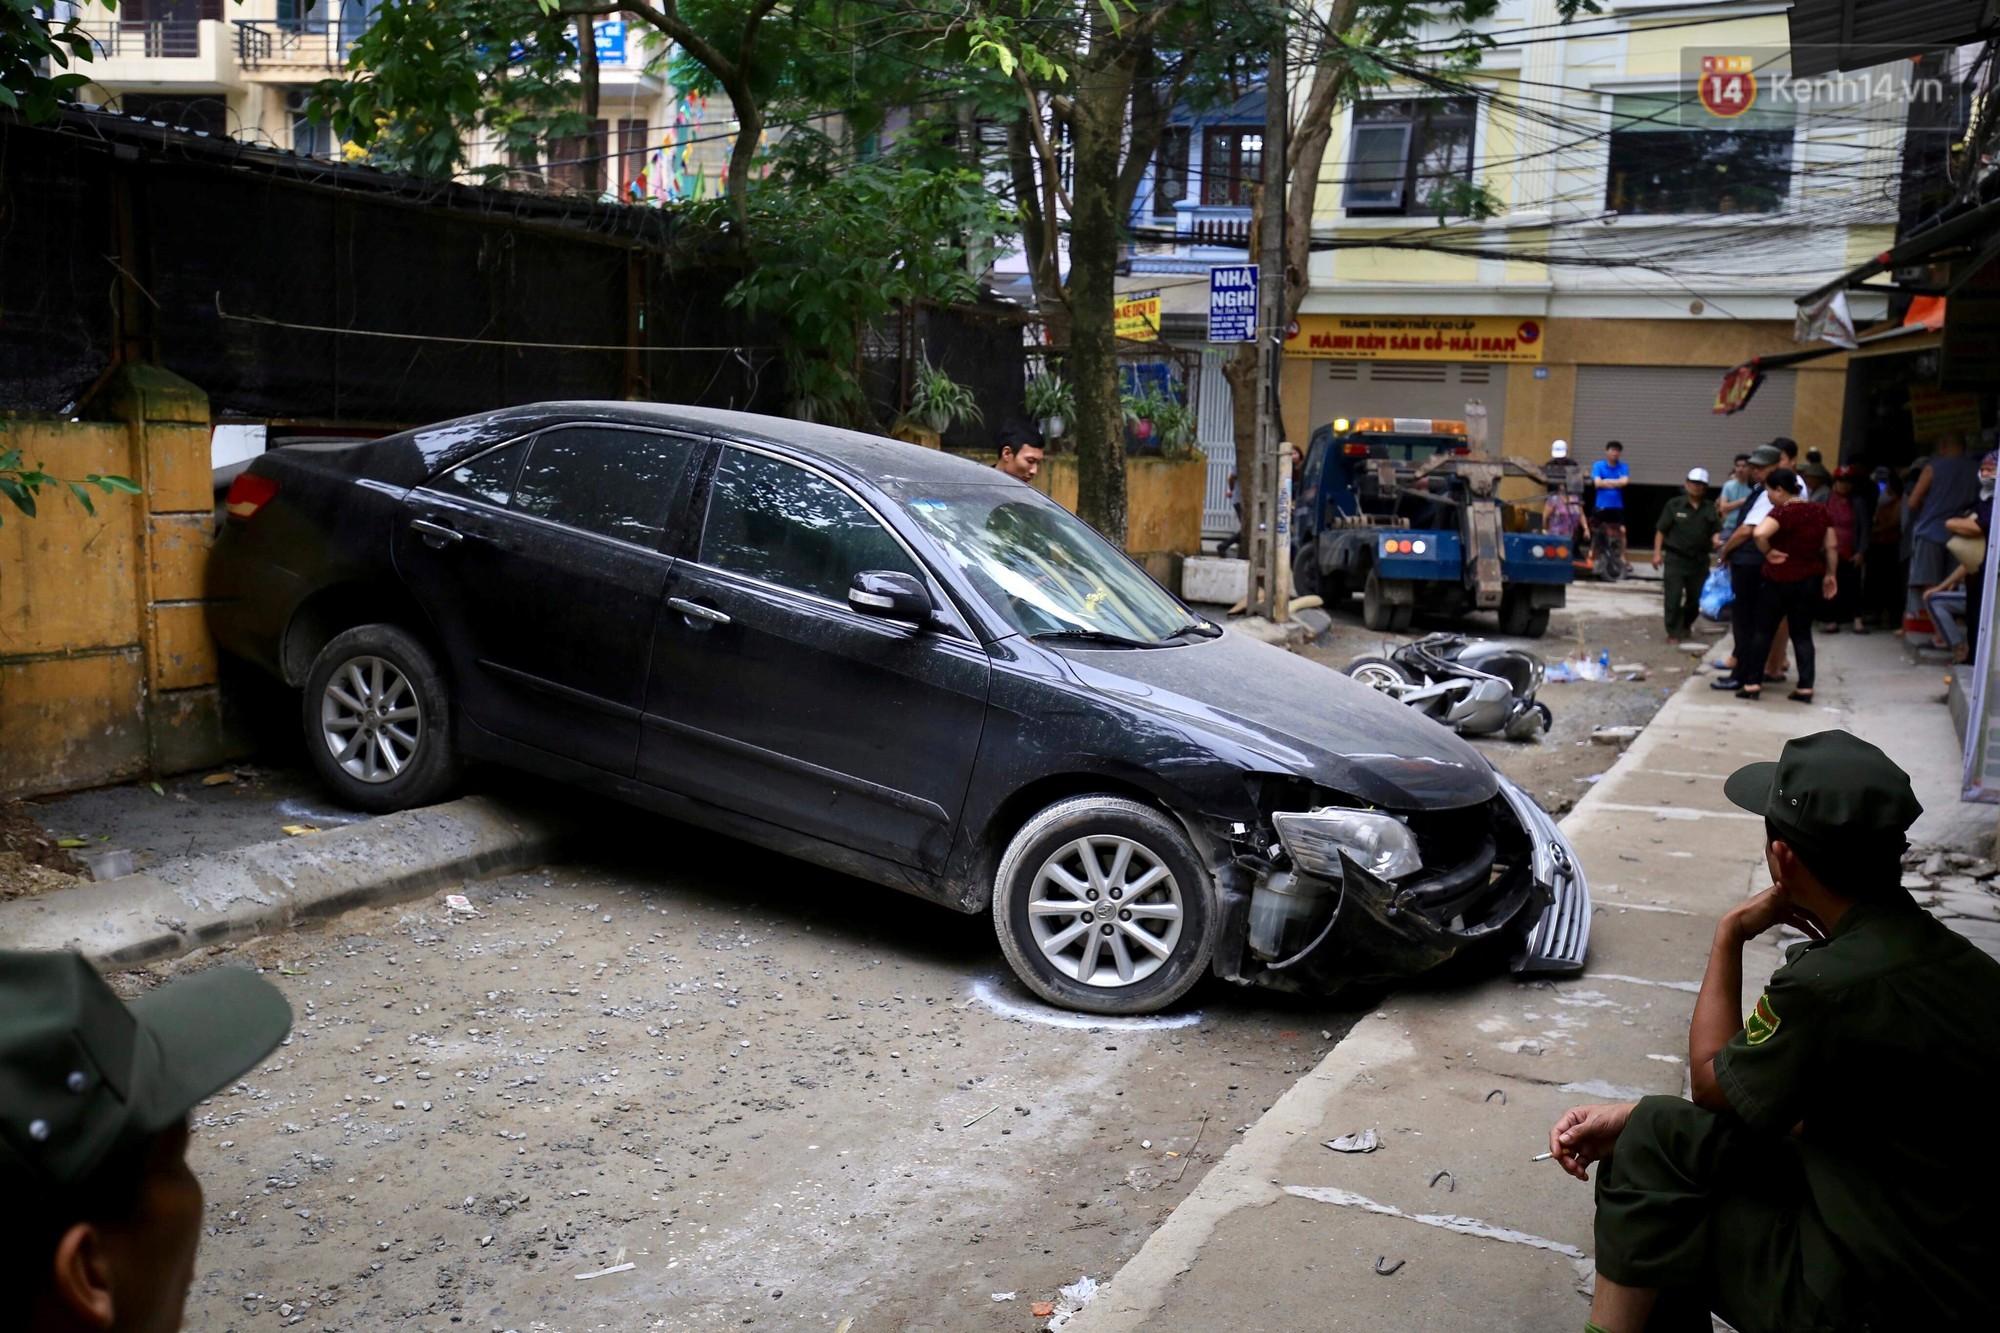 Nhân chứng thoát chết vụ ô tô Camry đi lùi tông tử vong 1 phụ nữ: Sau tai nạn, nữ tài xế mở cửa bỏ chạy - Ảnh 1.